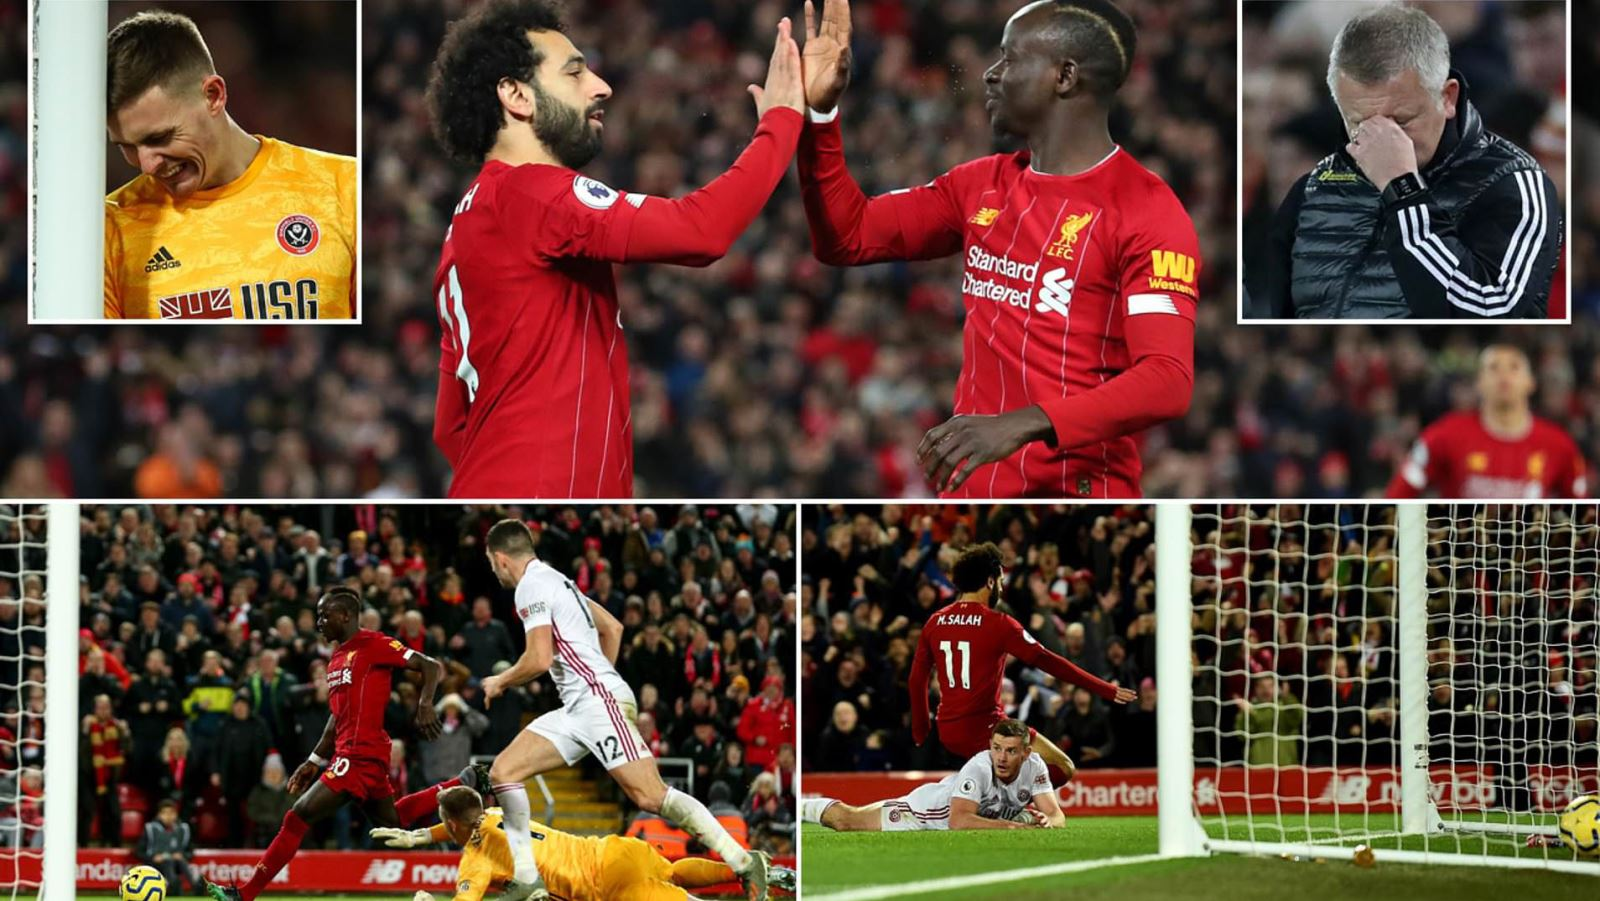 bóng đá, Liverpool, Sheffield United, Park Hang Seo, U23 châu Á 2020, VCK u23 châu á 2020, Đình Trọng, lịch thi đấu, lịch thi đấu U23 châu Á 2020, lịch thi đấu bóng đá